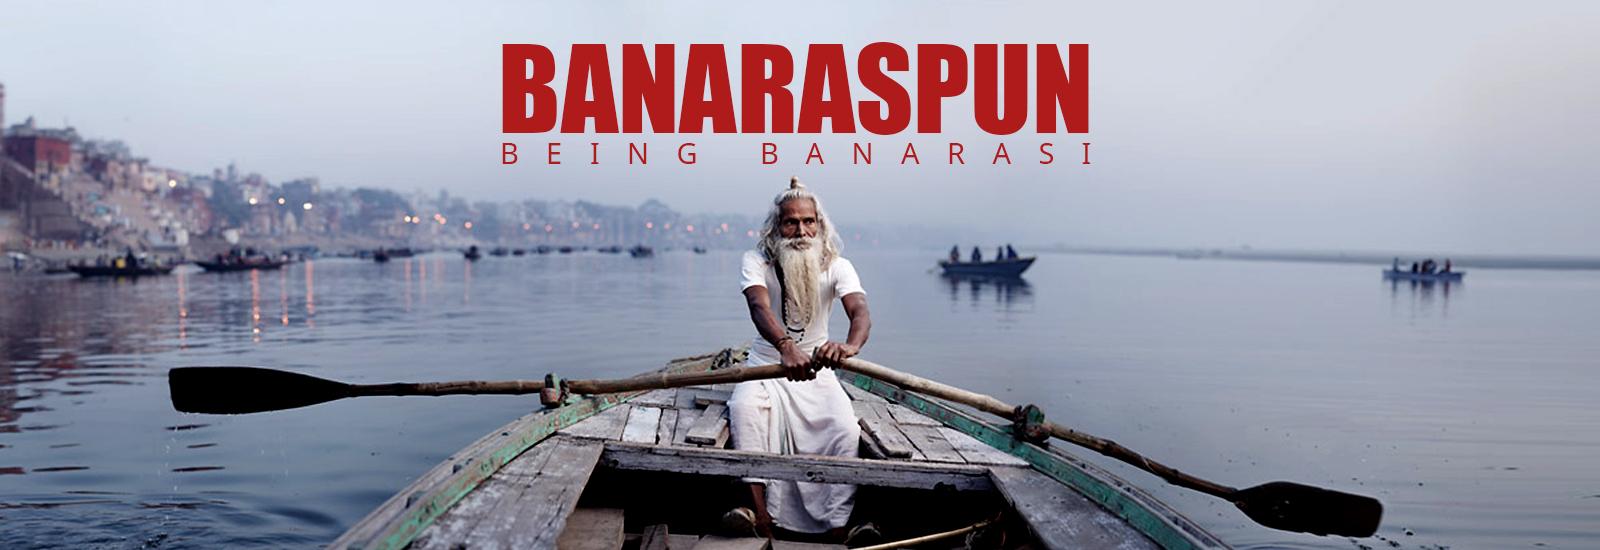 Banaraspun (Being Banarasi)